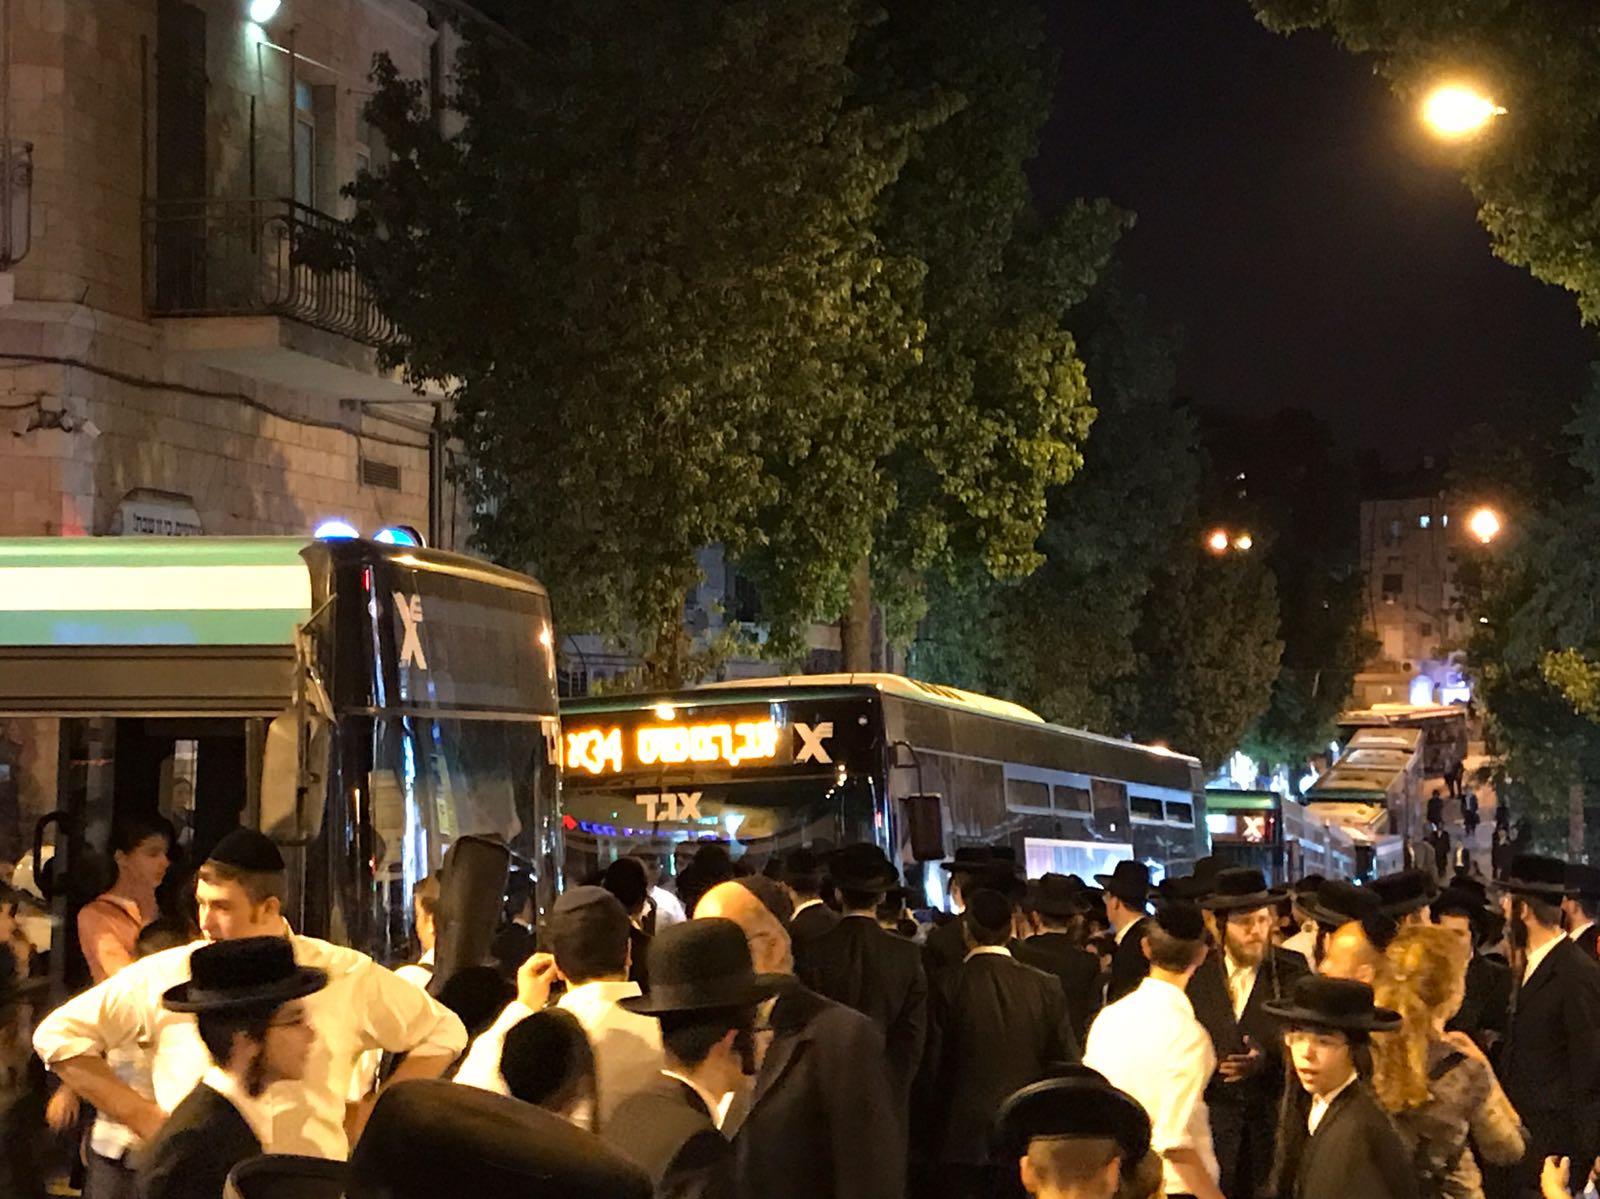 מפגיני הפלג תקעו את האוטובוסים במרכז השכונה – והם הפכו ל'שטיבלאך' זמניים